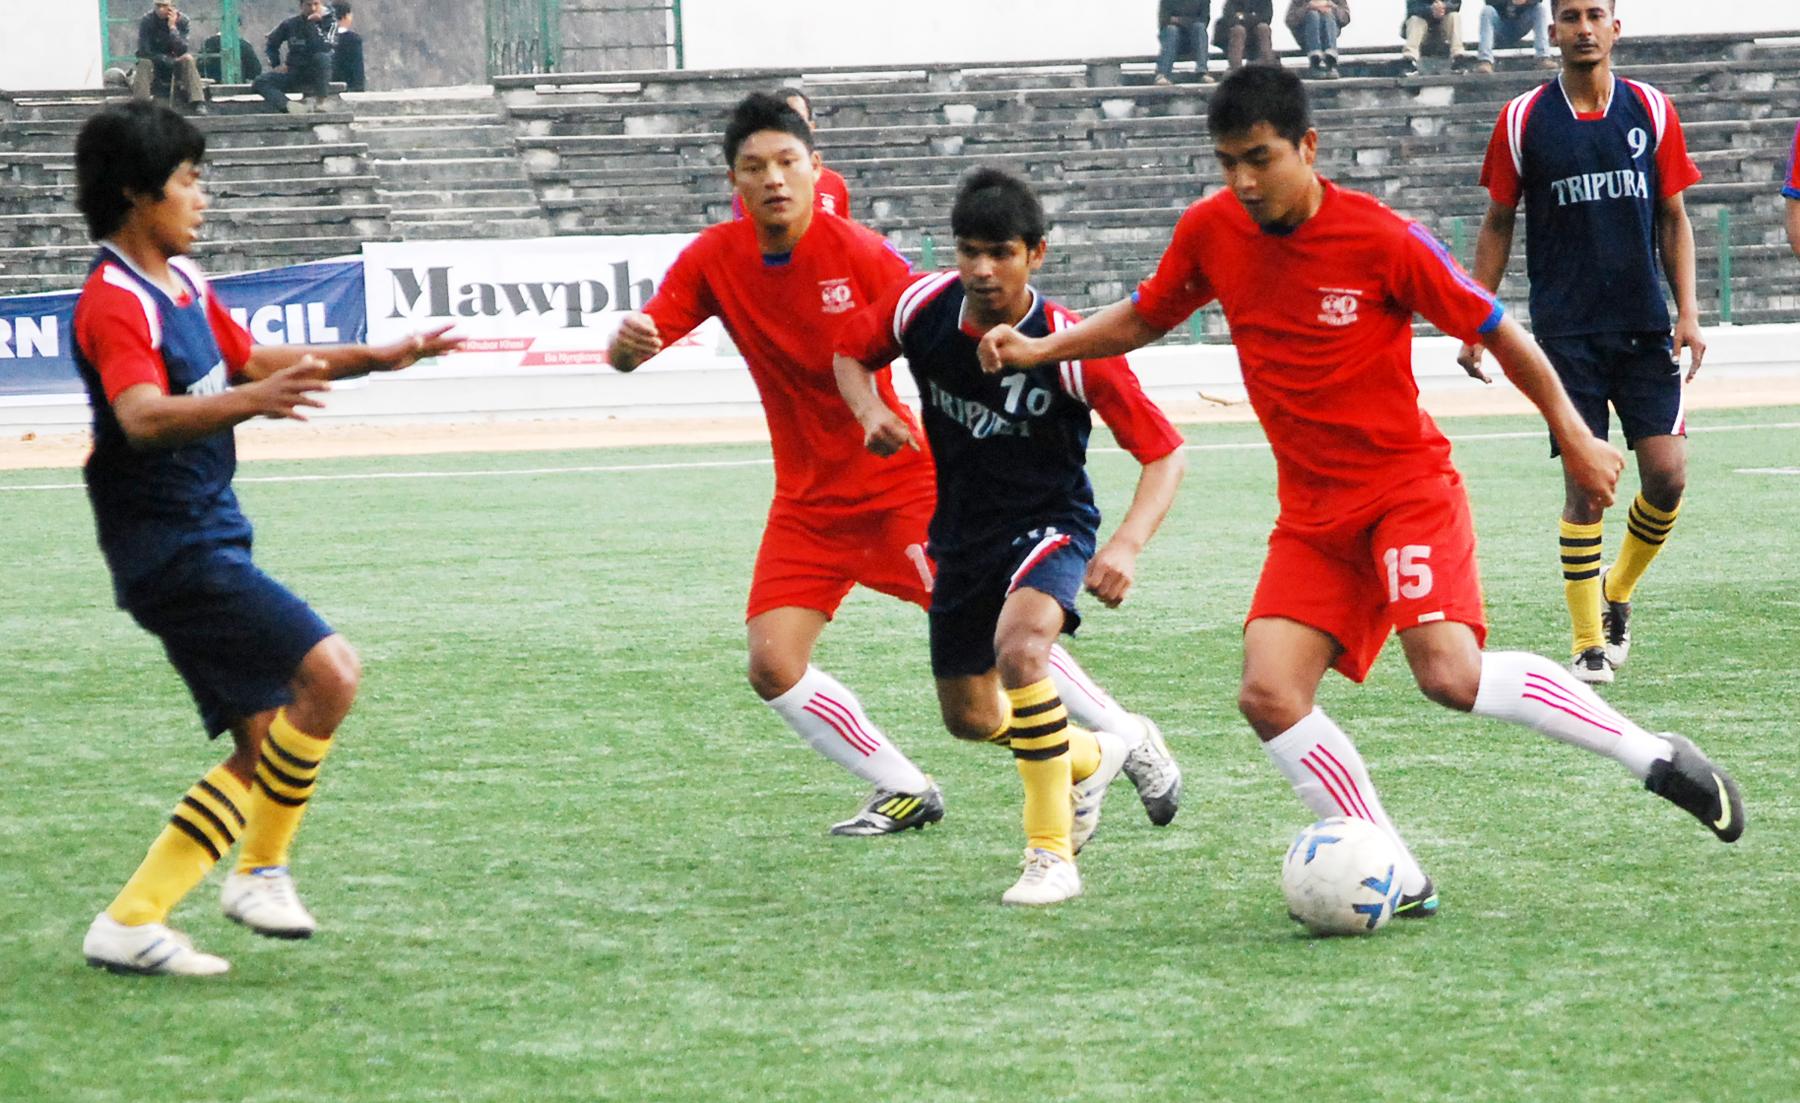 mizoram-red-jersey-vs-tripura-3-1458128